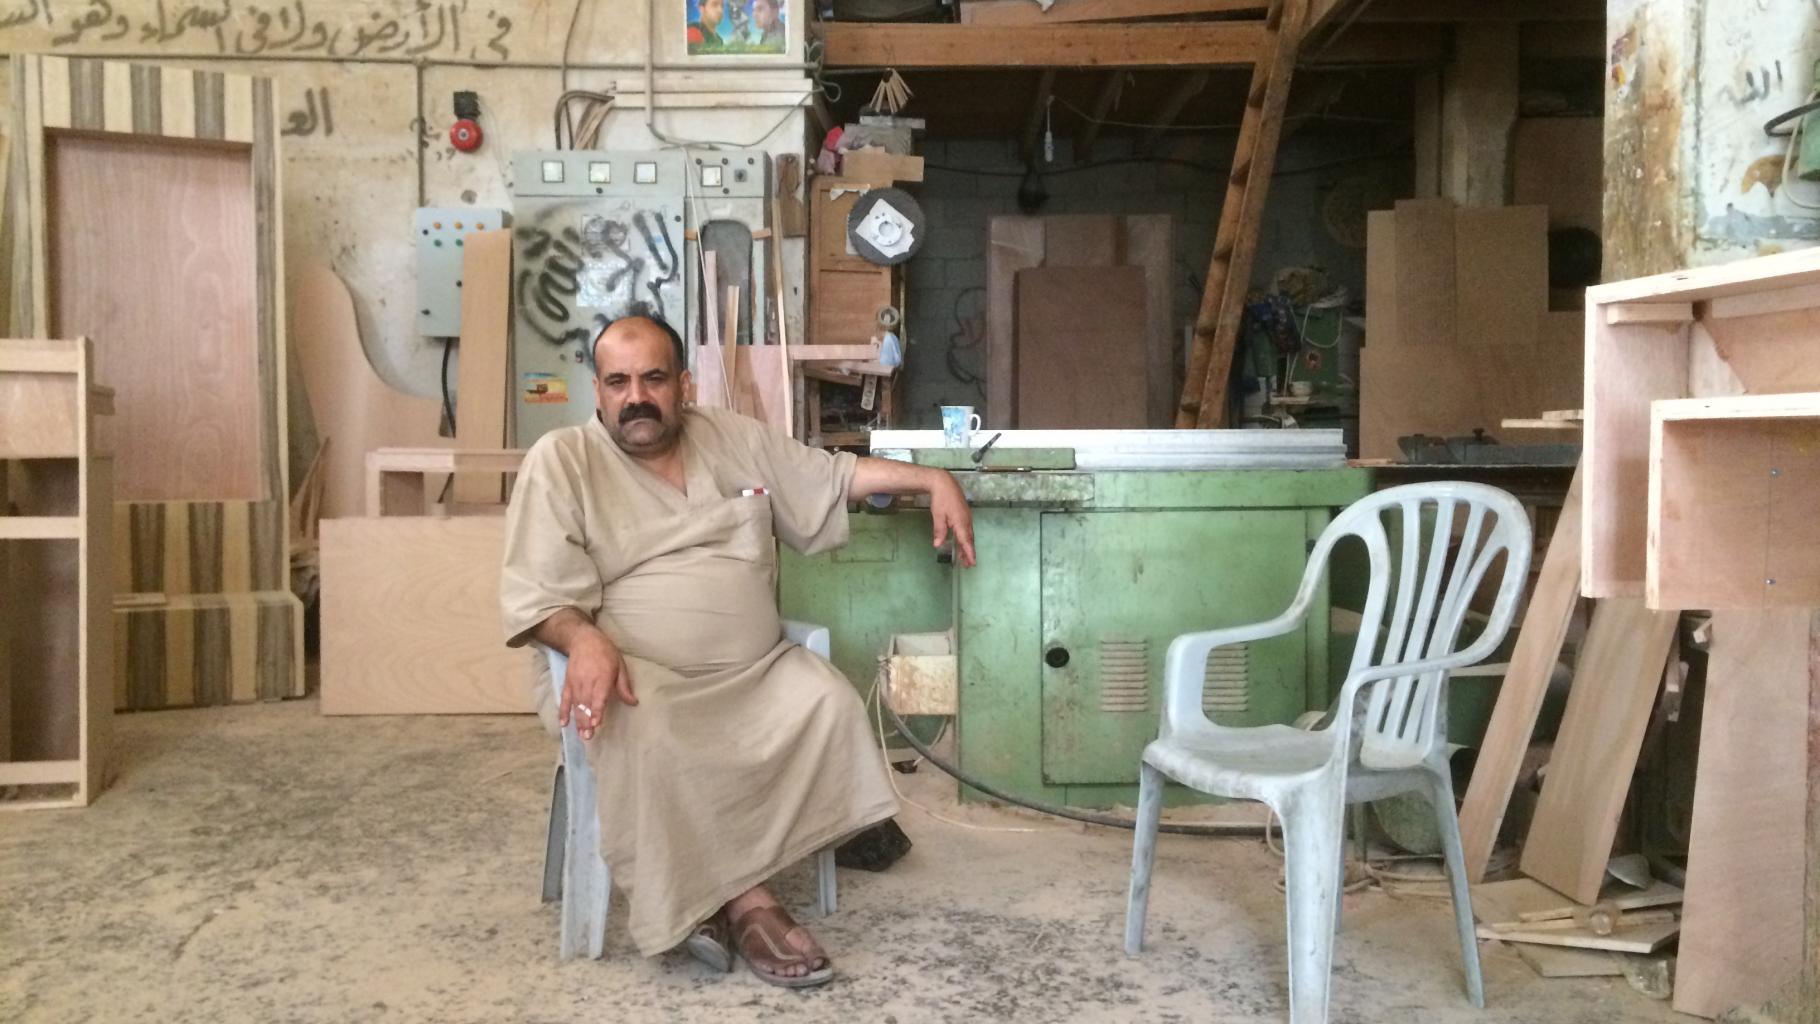 Ein Mann sitzt auf einem Plastikstuhl in einer Werkstatt mit Geräten, Brettern und Holzplatten.